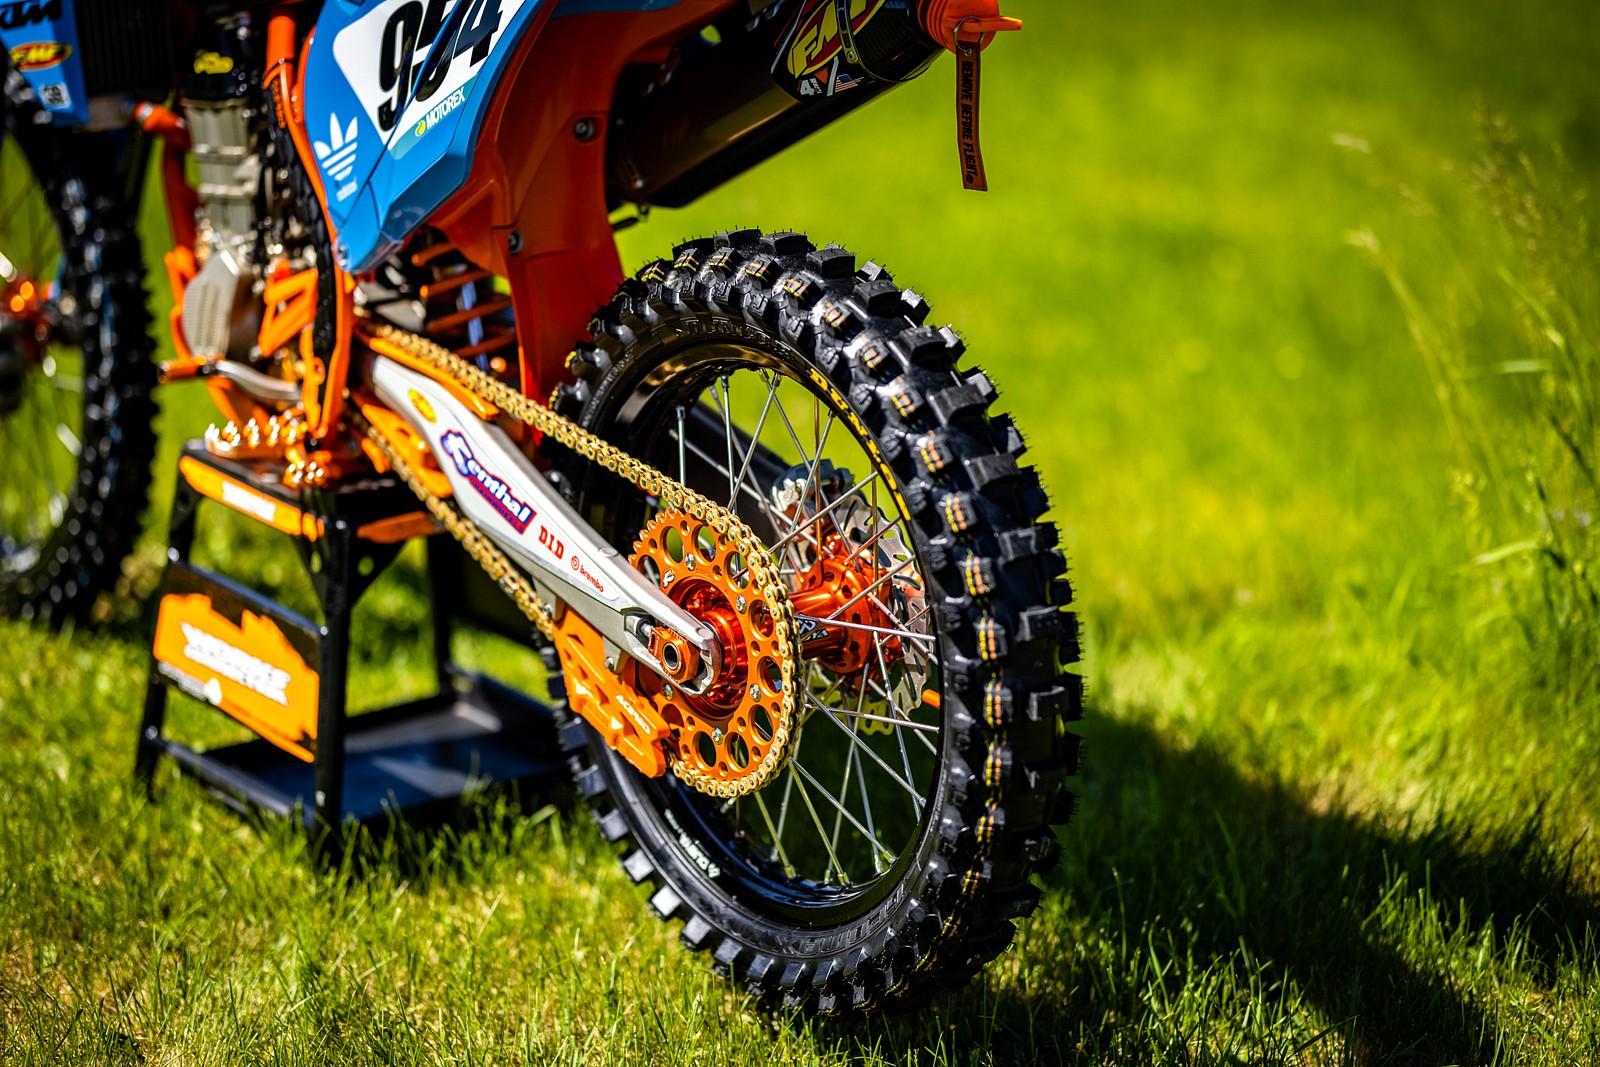 ktm 12 - GForce MMG - Motocross Pictures - Vital MX